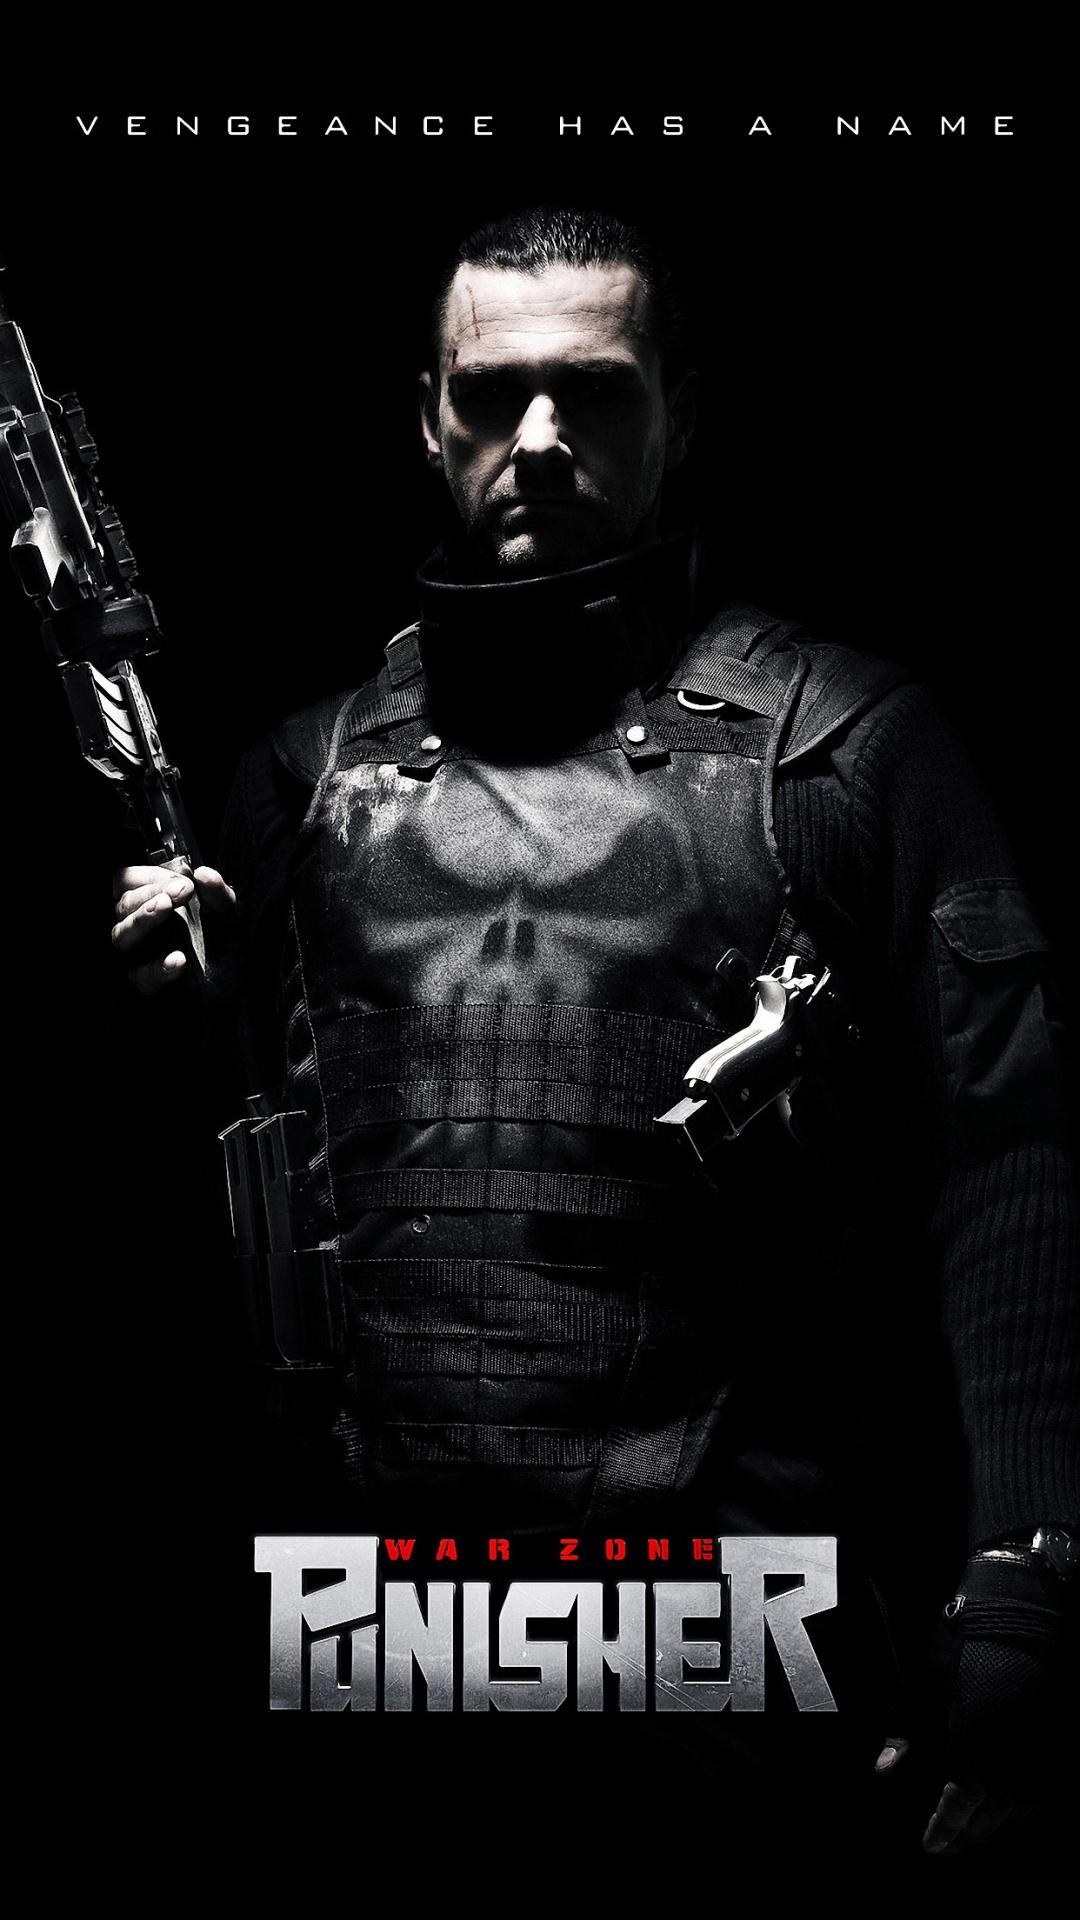 Punisher Wallpaper 1080p - WallpaperSafari